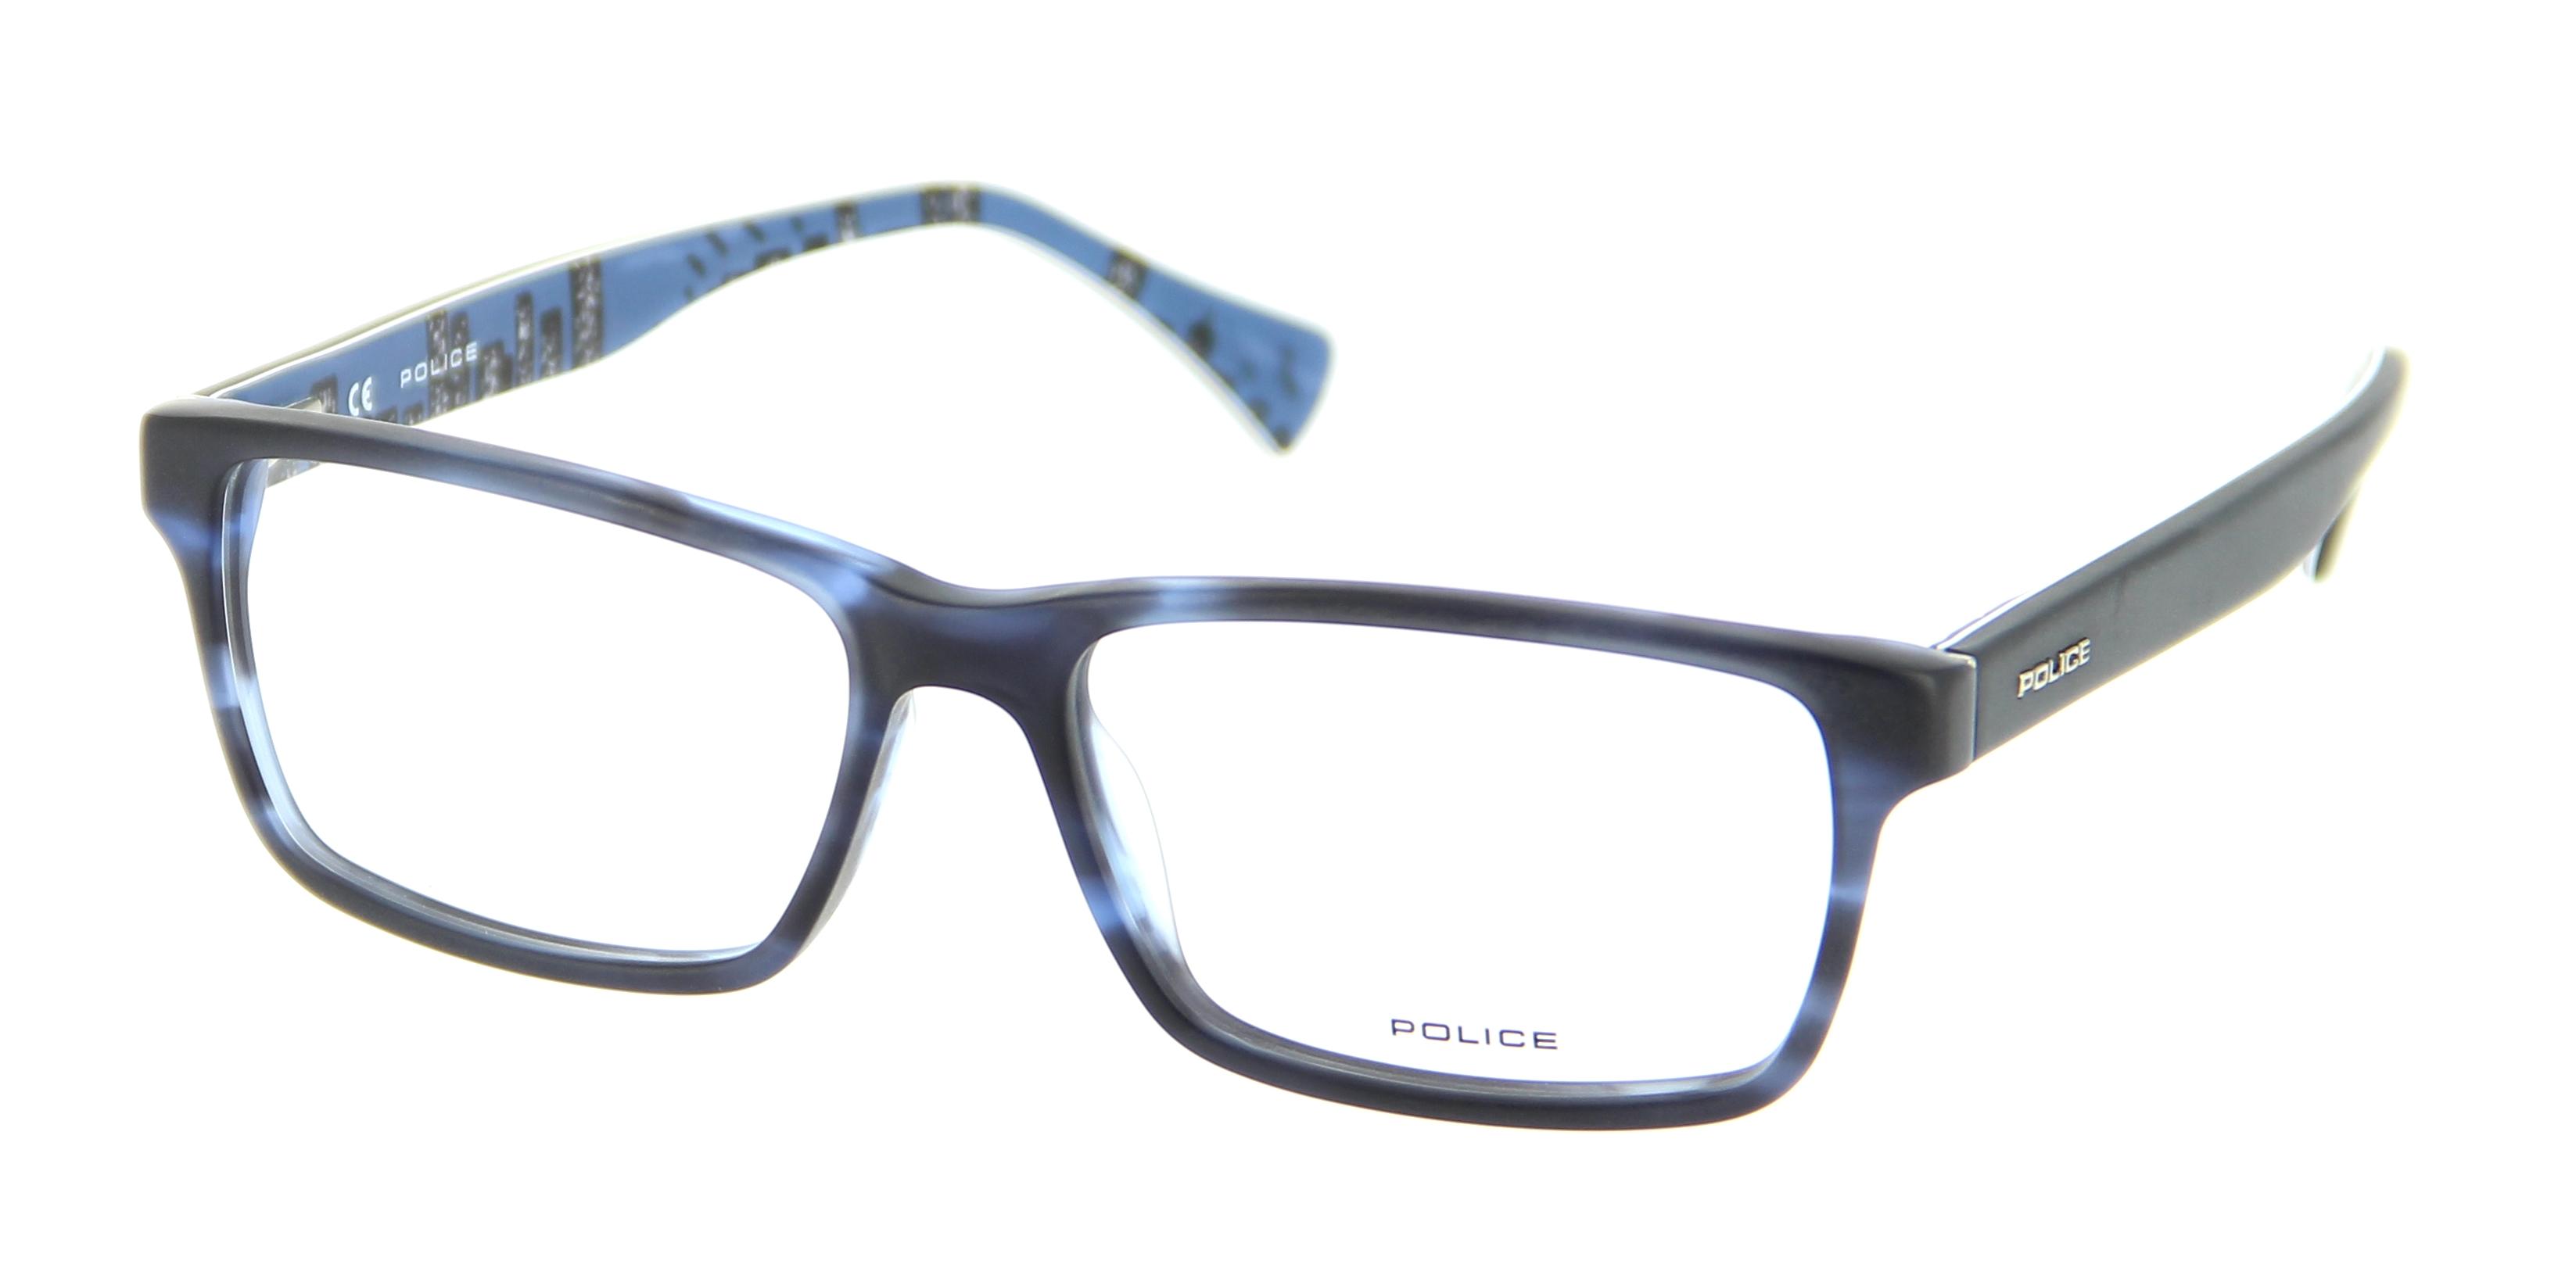 lunettes de vue police v1865 m00m 55 16 homme bleu mat ray int building bleu rectangle. Black Bedroom Furniture Sets. Home Design Ideas